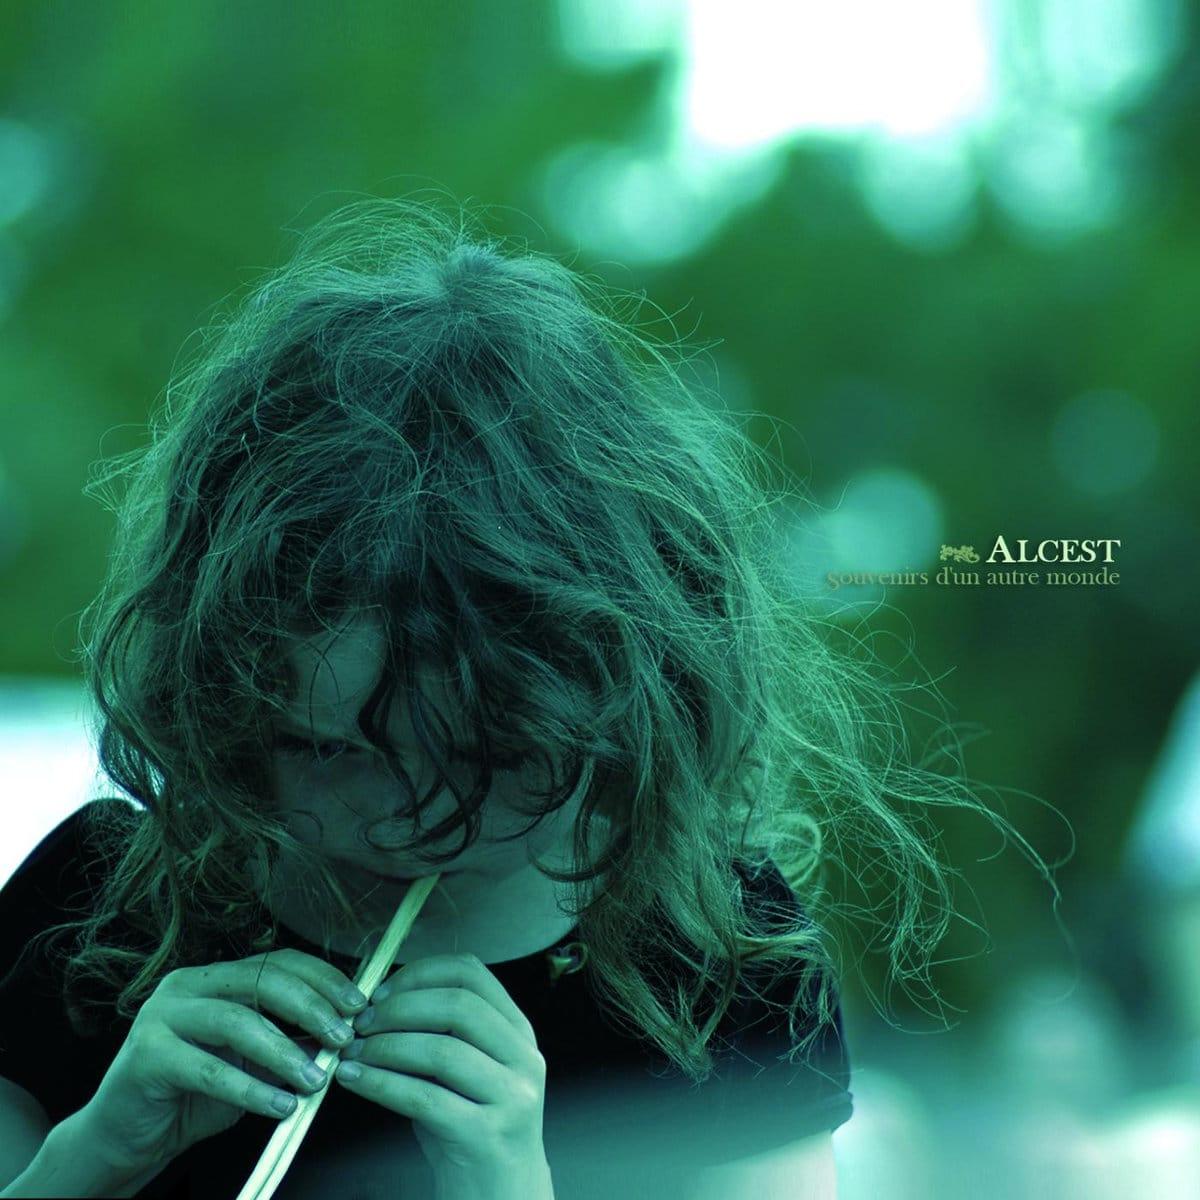 Alcest: conheça a onírica, lisérgica e nostálgica banda francesa